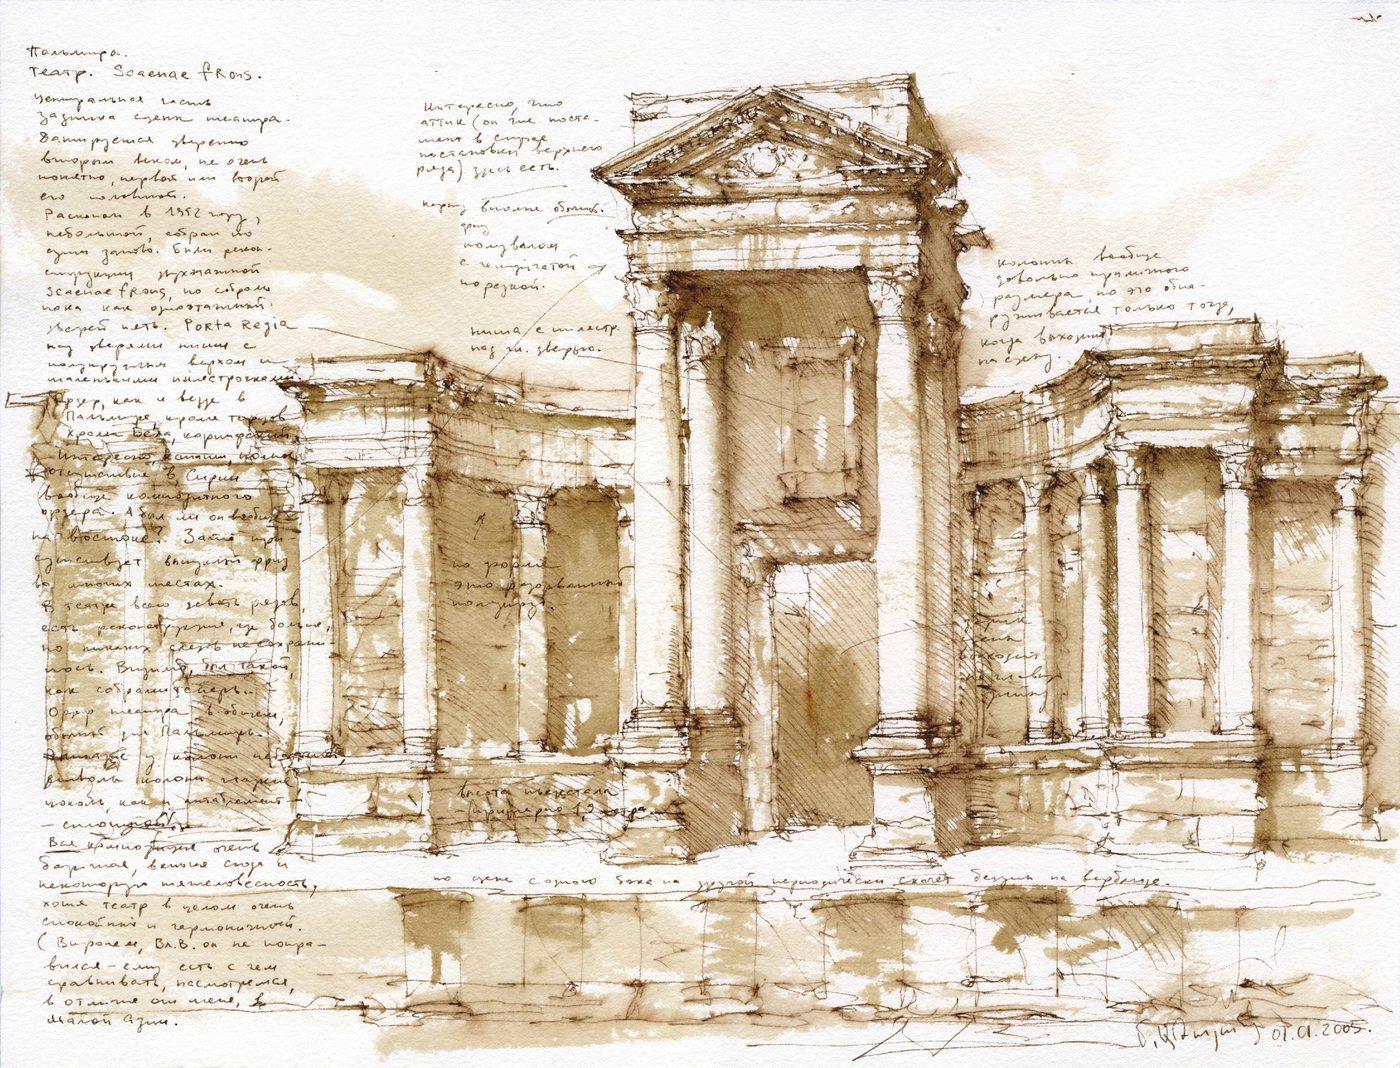 Скена театра в Пальмире, СирияМаксим Атаянц, 2005 г.